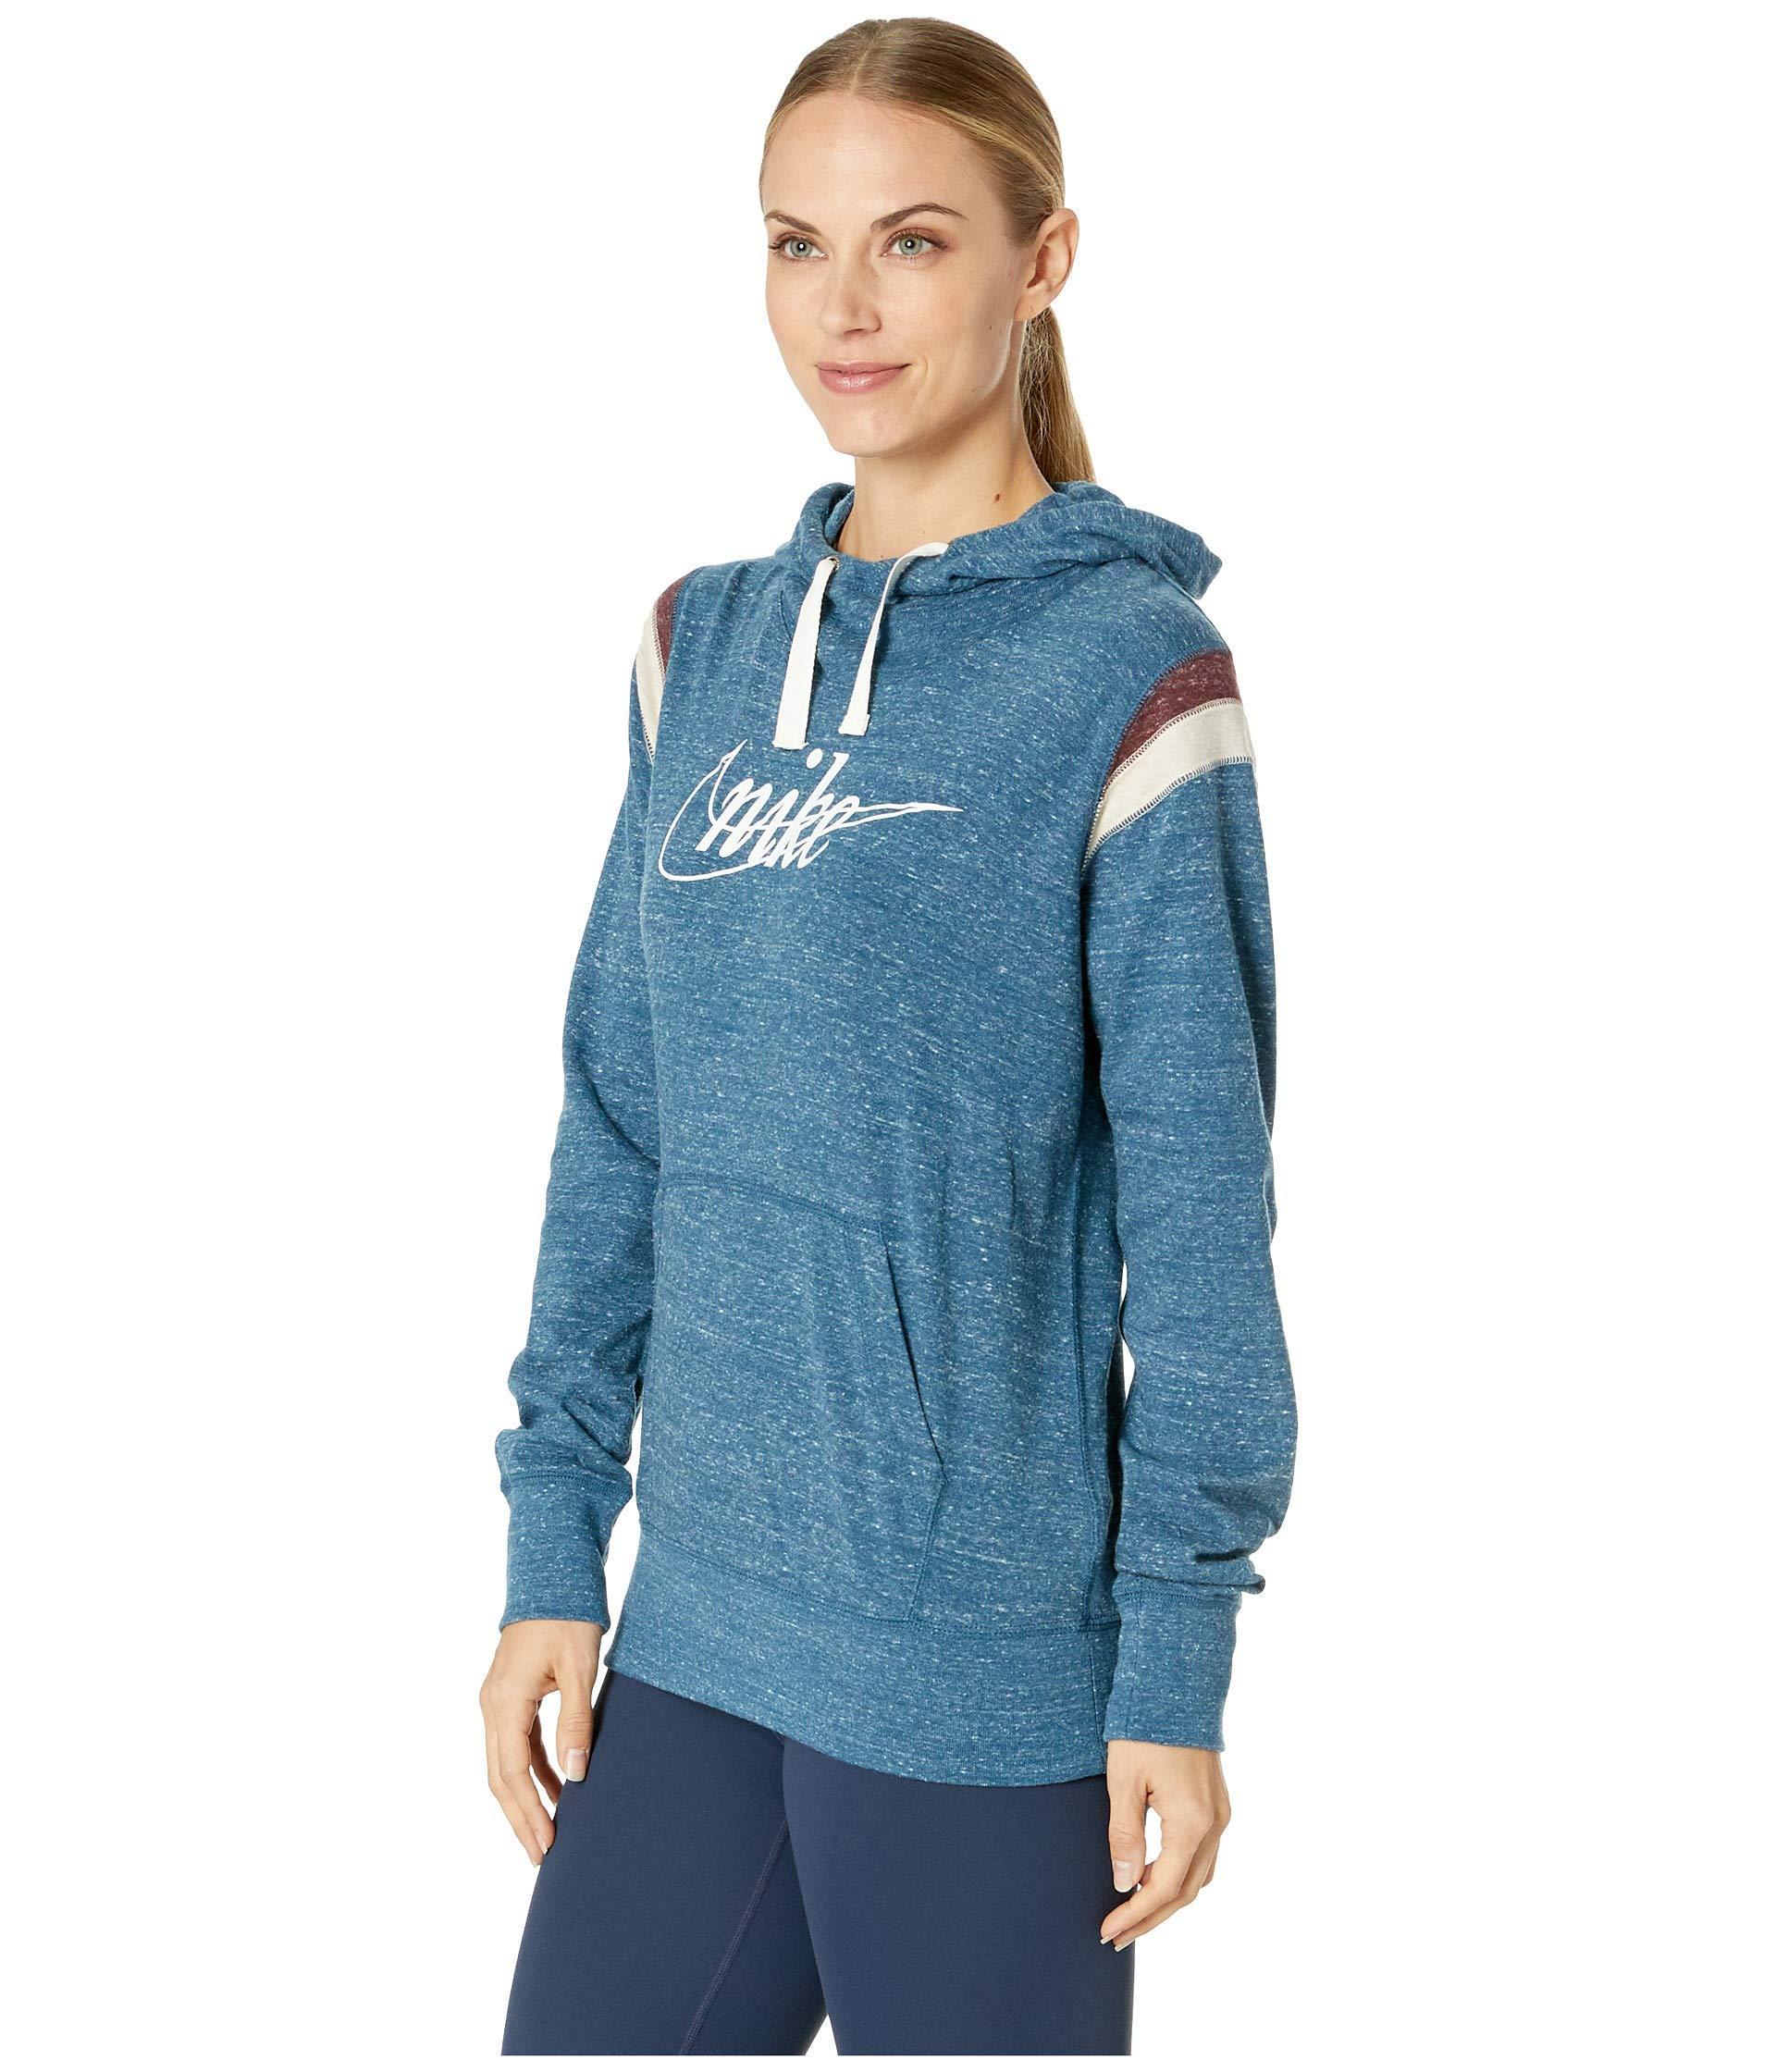 cc27fb679412 Lyst - Nike Gym Vintage Hoodie Pullover Hbr in Blue - Save 13%